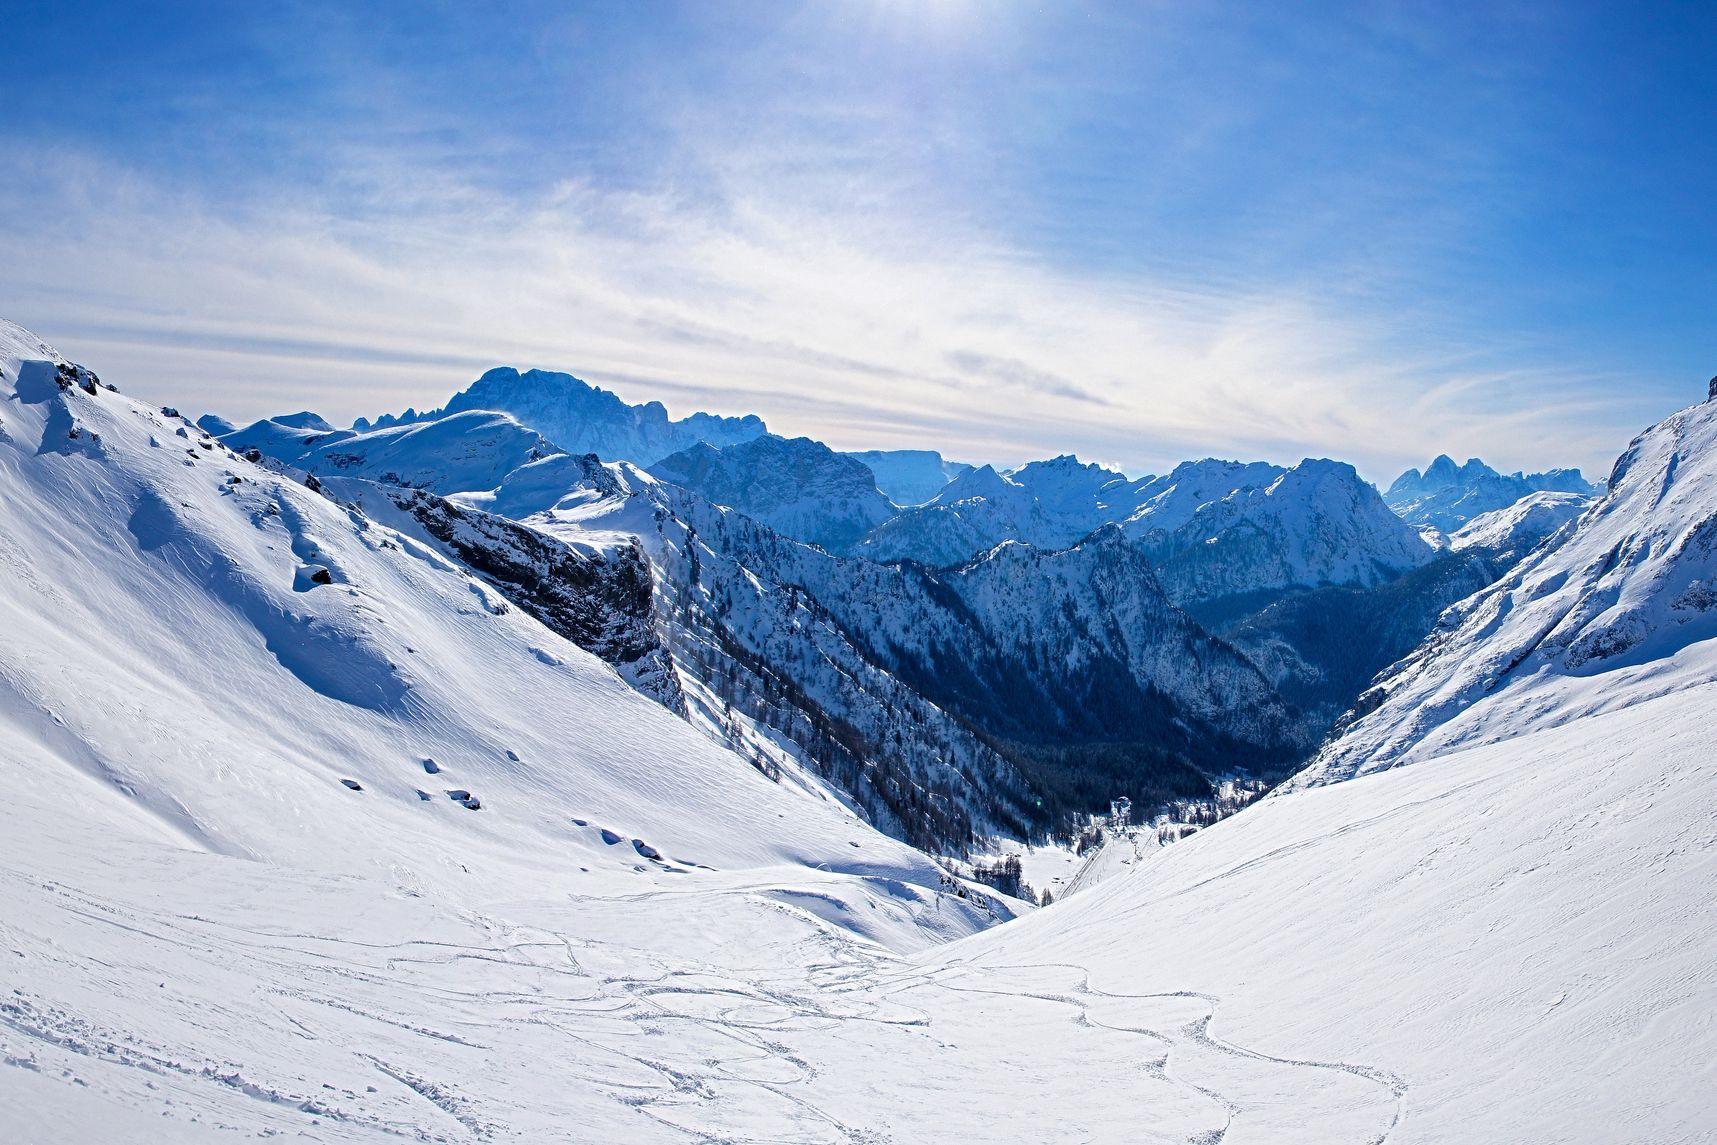 Alpes: Investigadores identificam glaciar contaminado com microplásticos